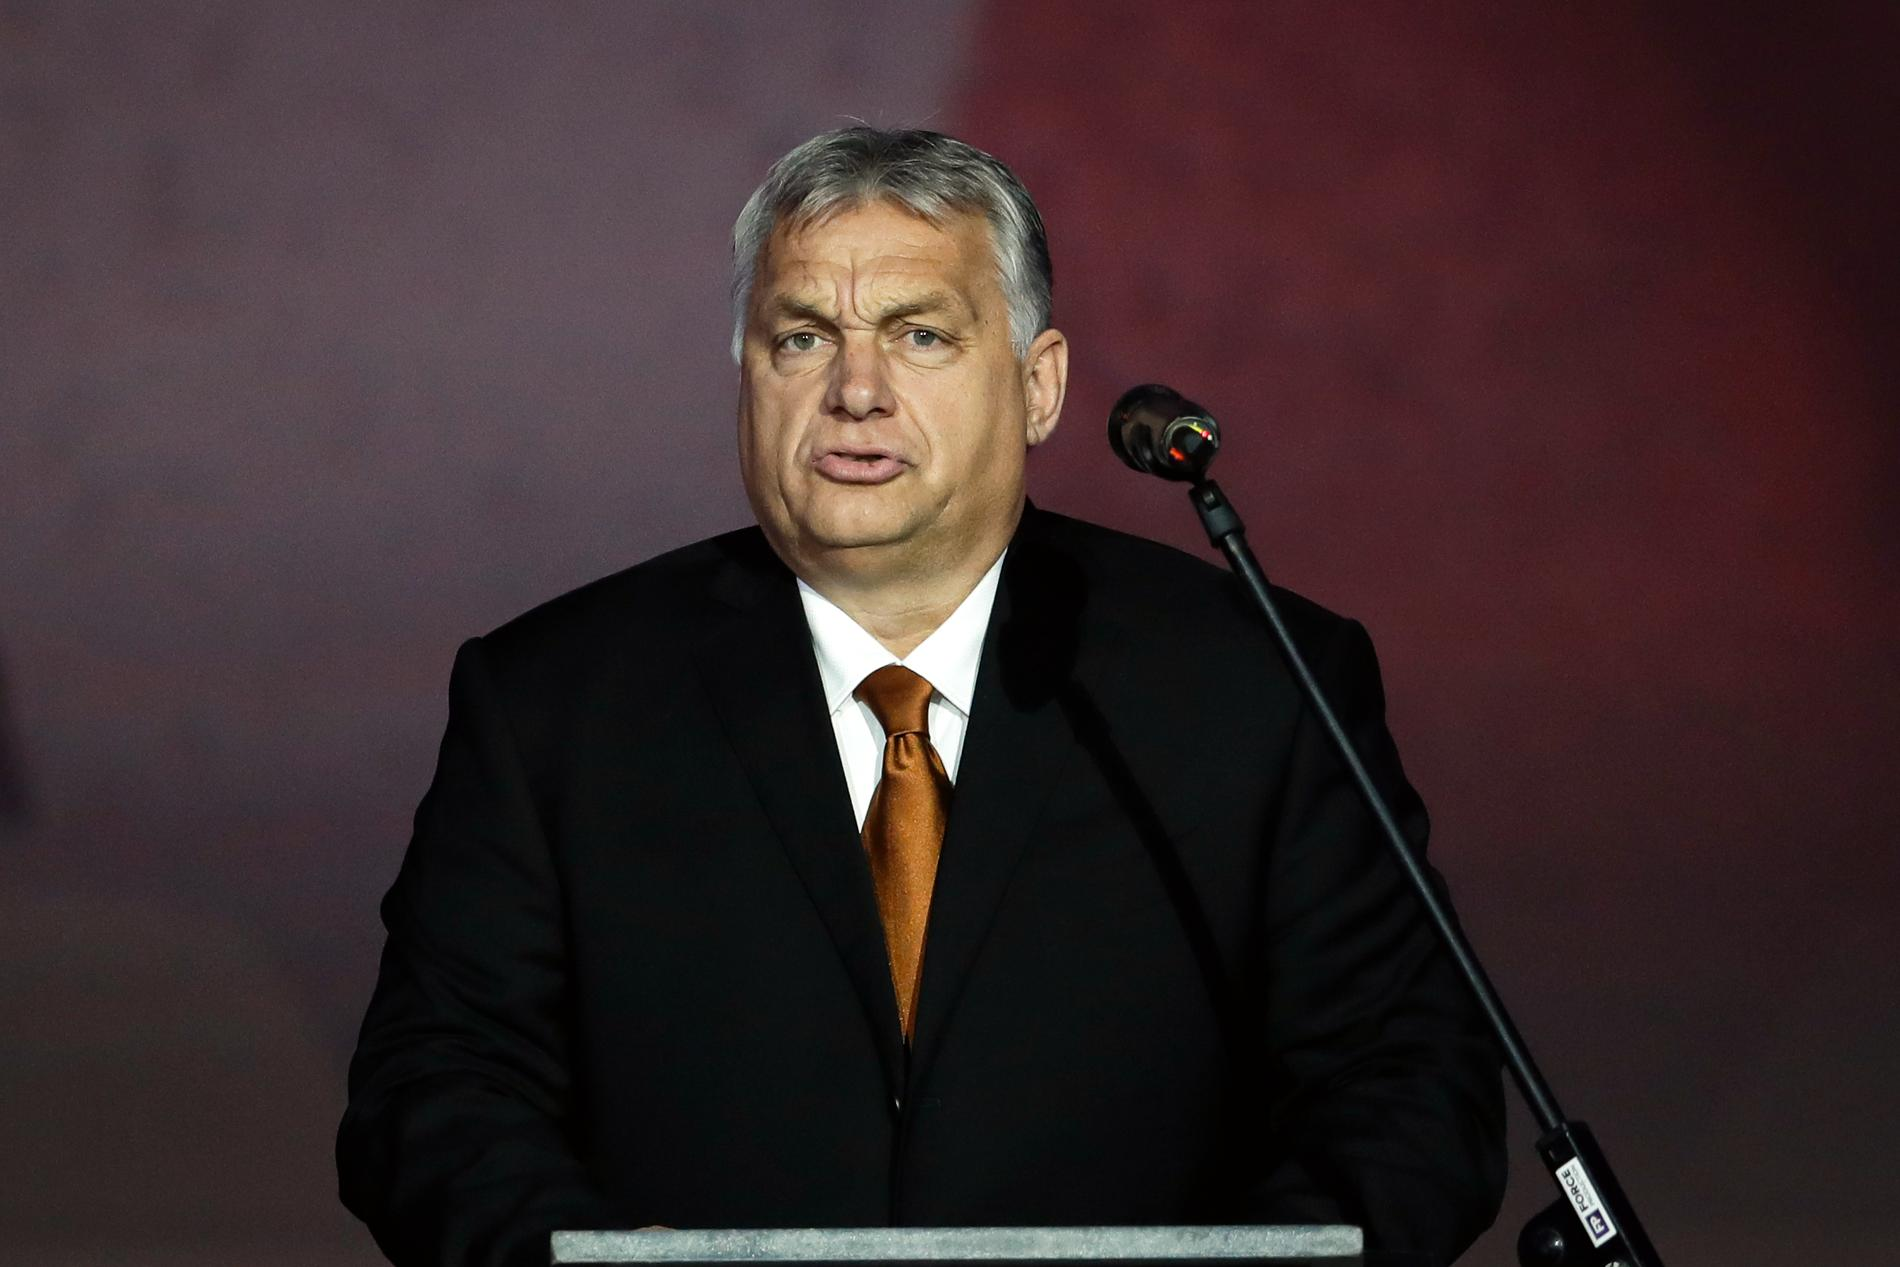 Viktor Orbán motiverar mer makt till sig själv genom coronakrisen. EU bör agera.